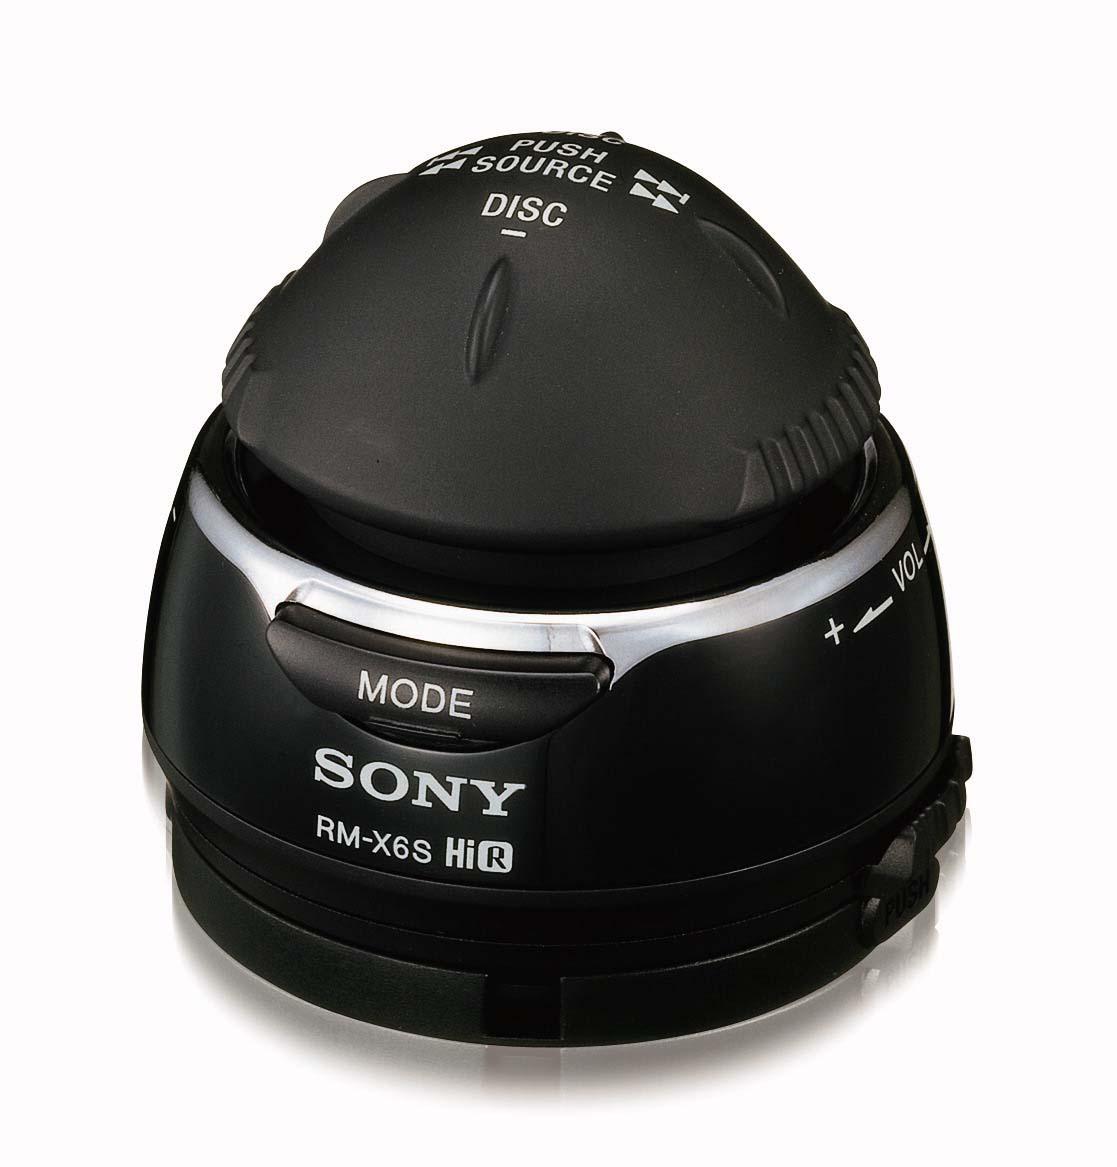 SONY RM-X6S